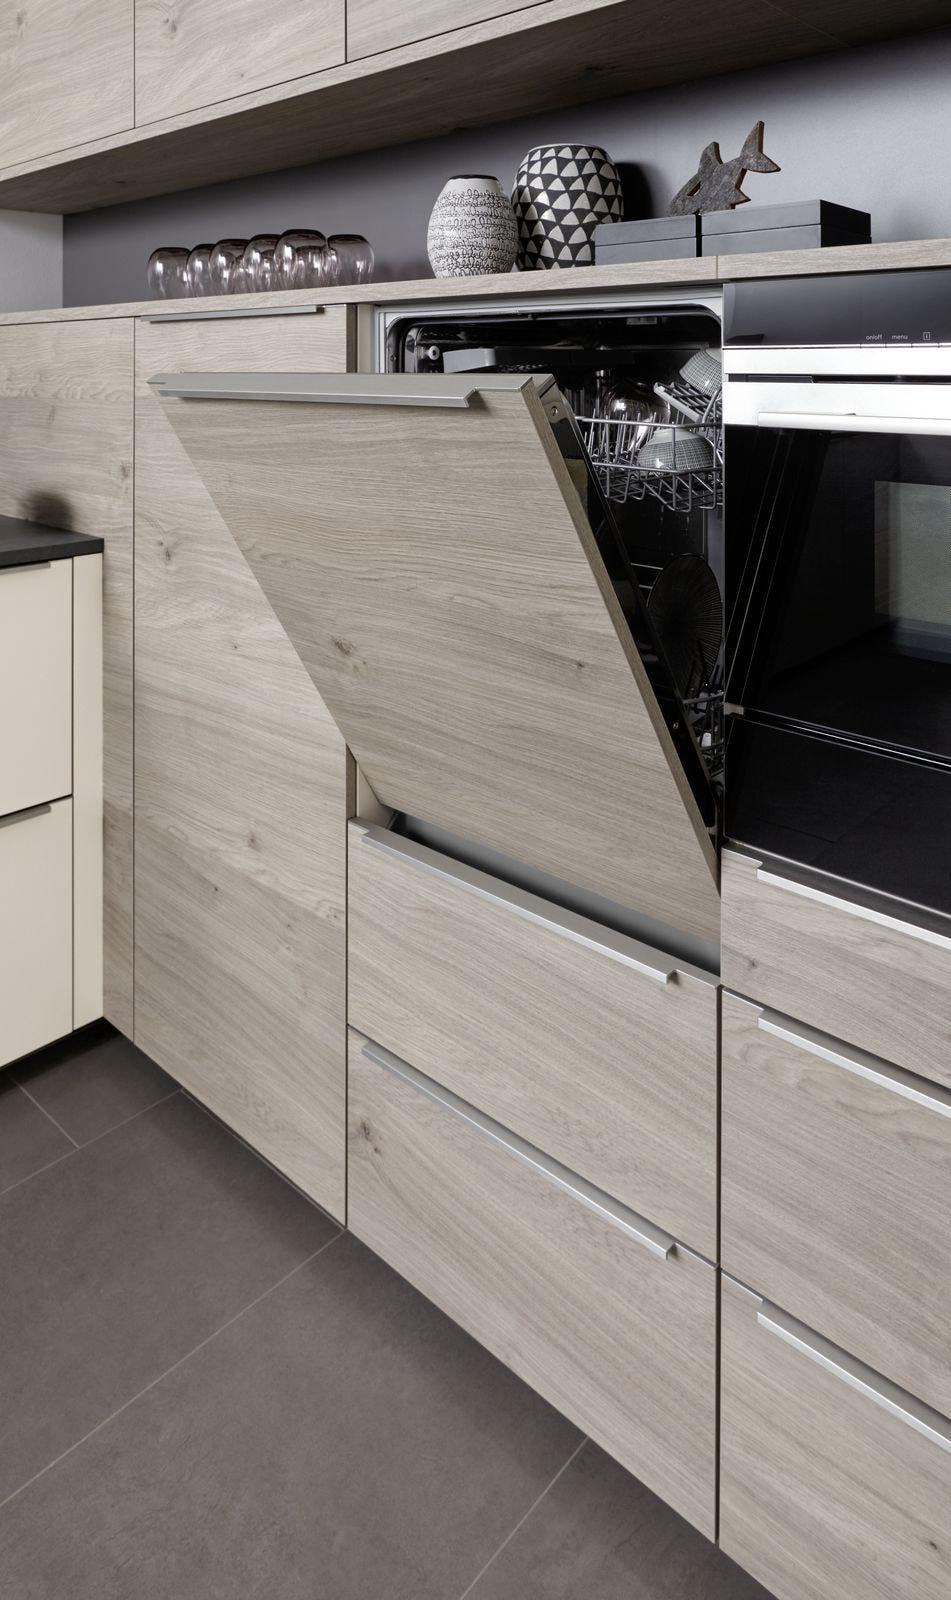 Рейтинг-2018 встроенных посудомоечных машин 45 см: практичные, эффективные, функциональные